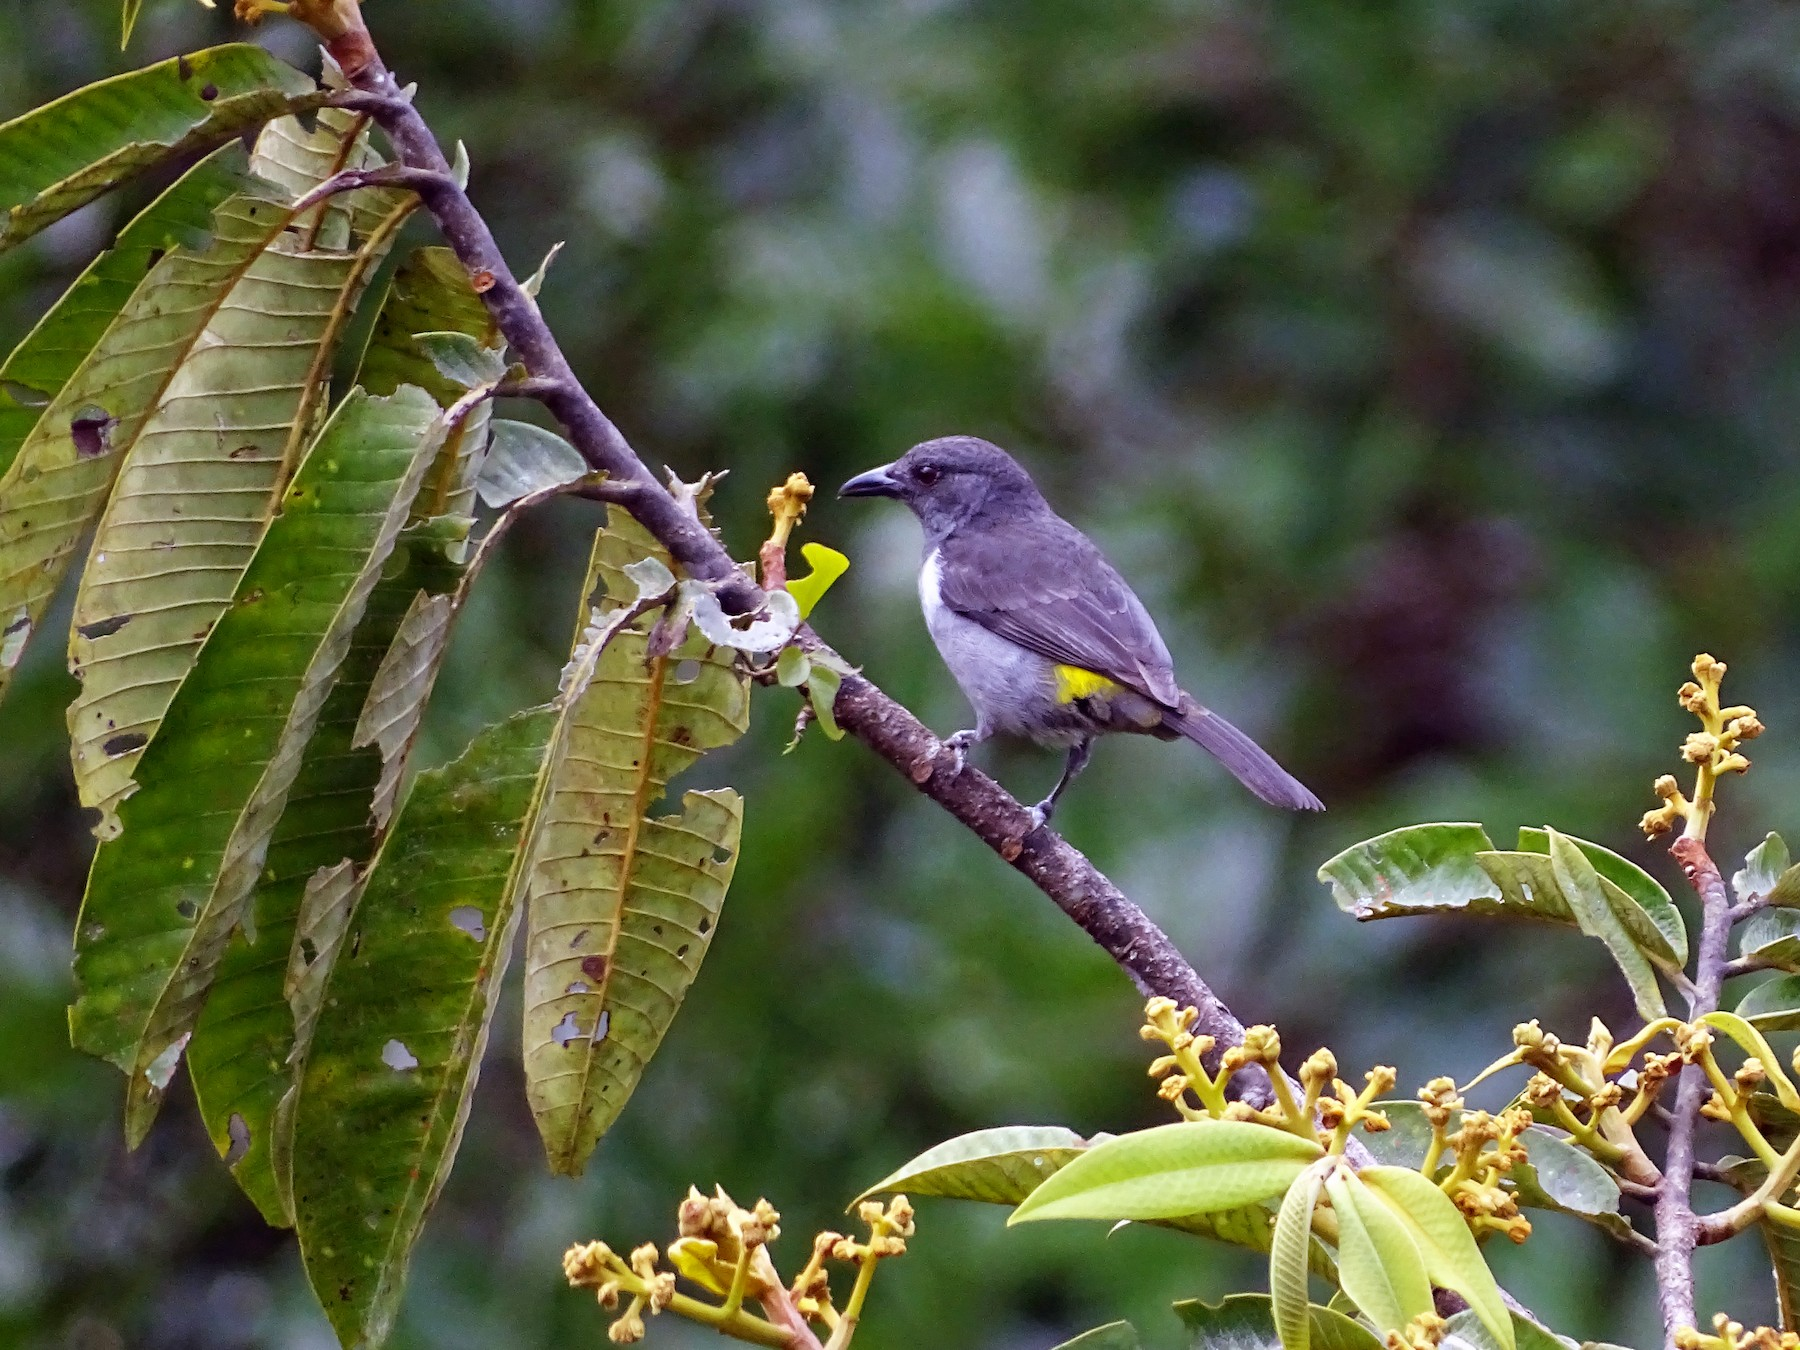 Sulphur-rumped Tanager - Fundación Naturaleza y Ciencia 507 (#HarpyFans) NatyCiencia507